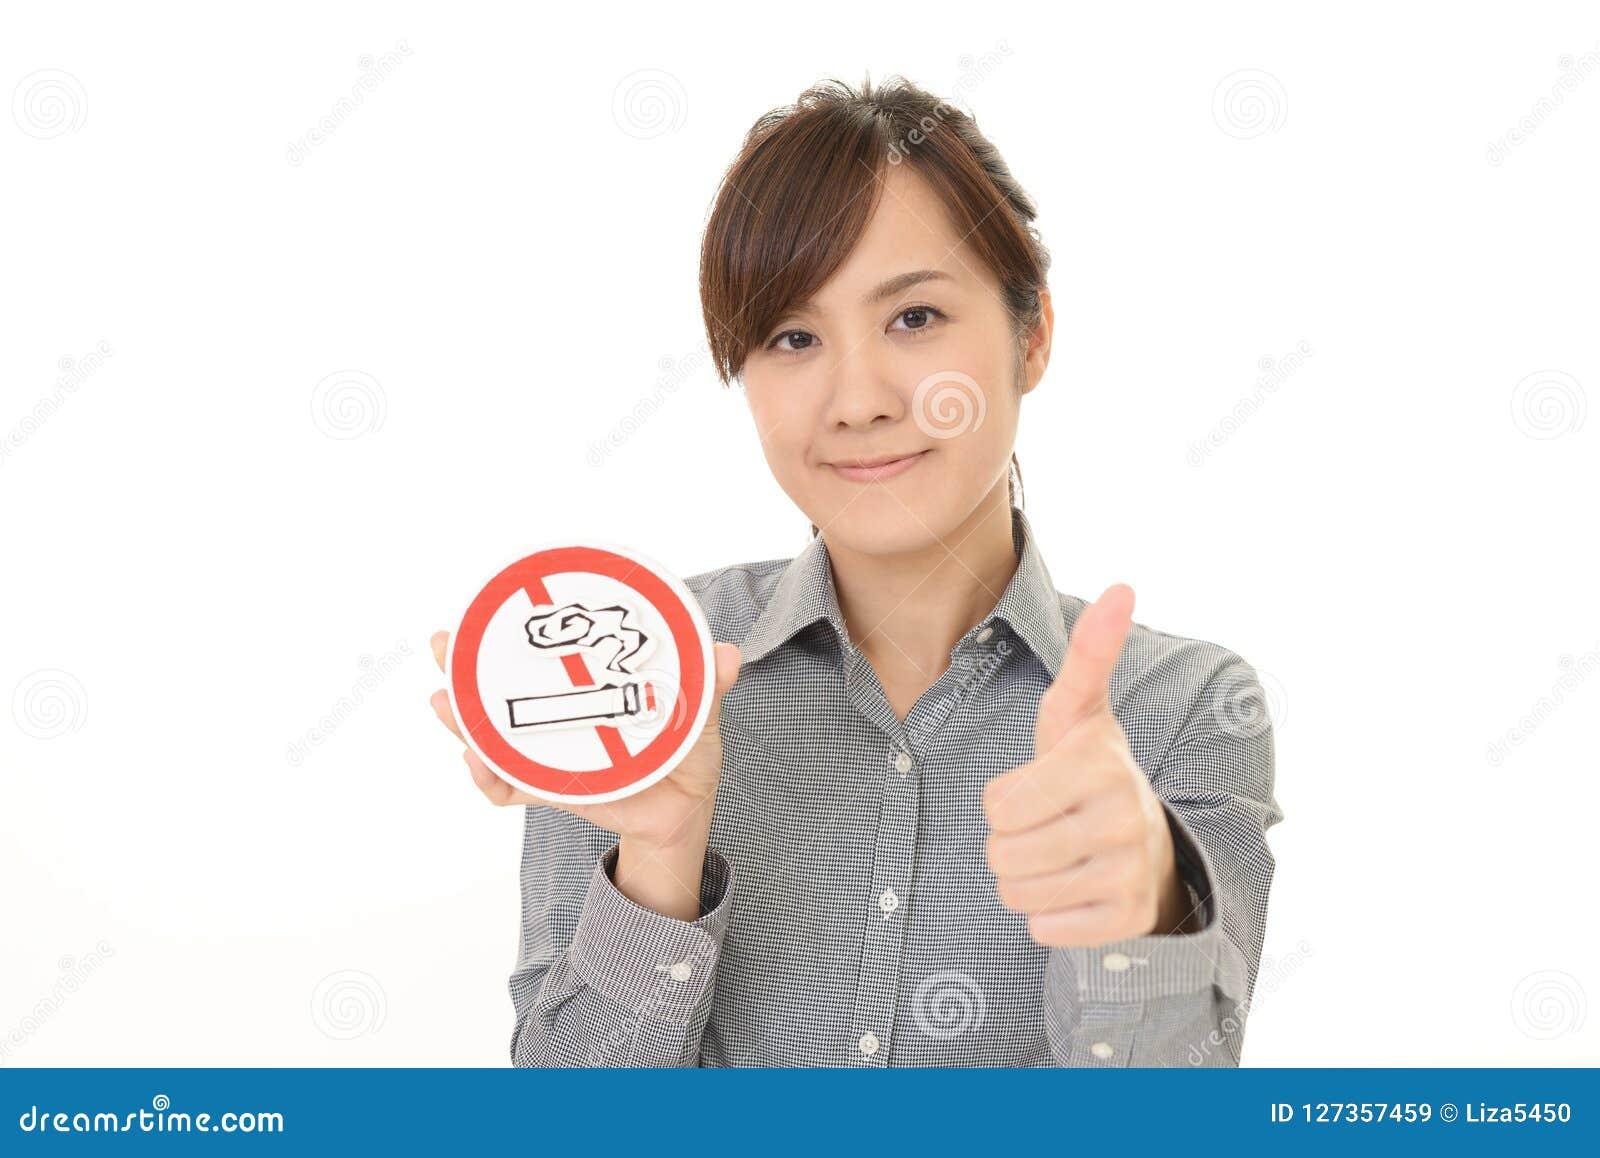 Η γυναίκα κρατά το μη καπνίζοντας σημάδι